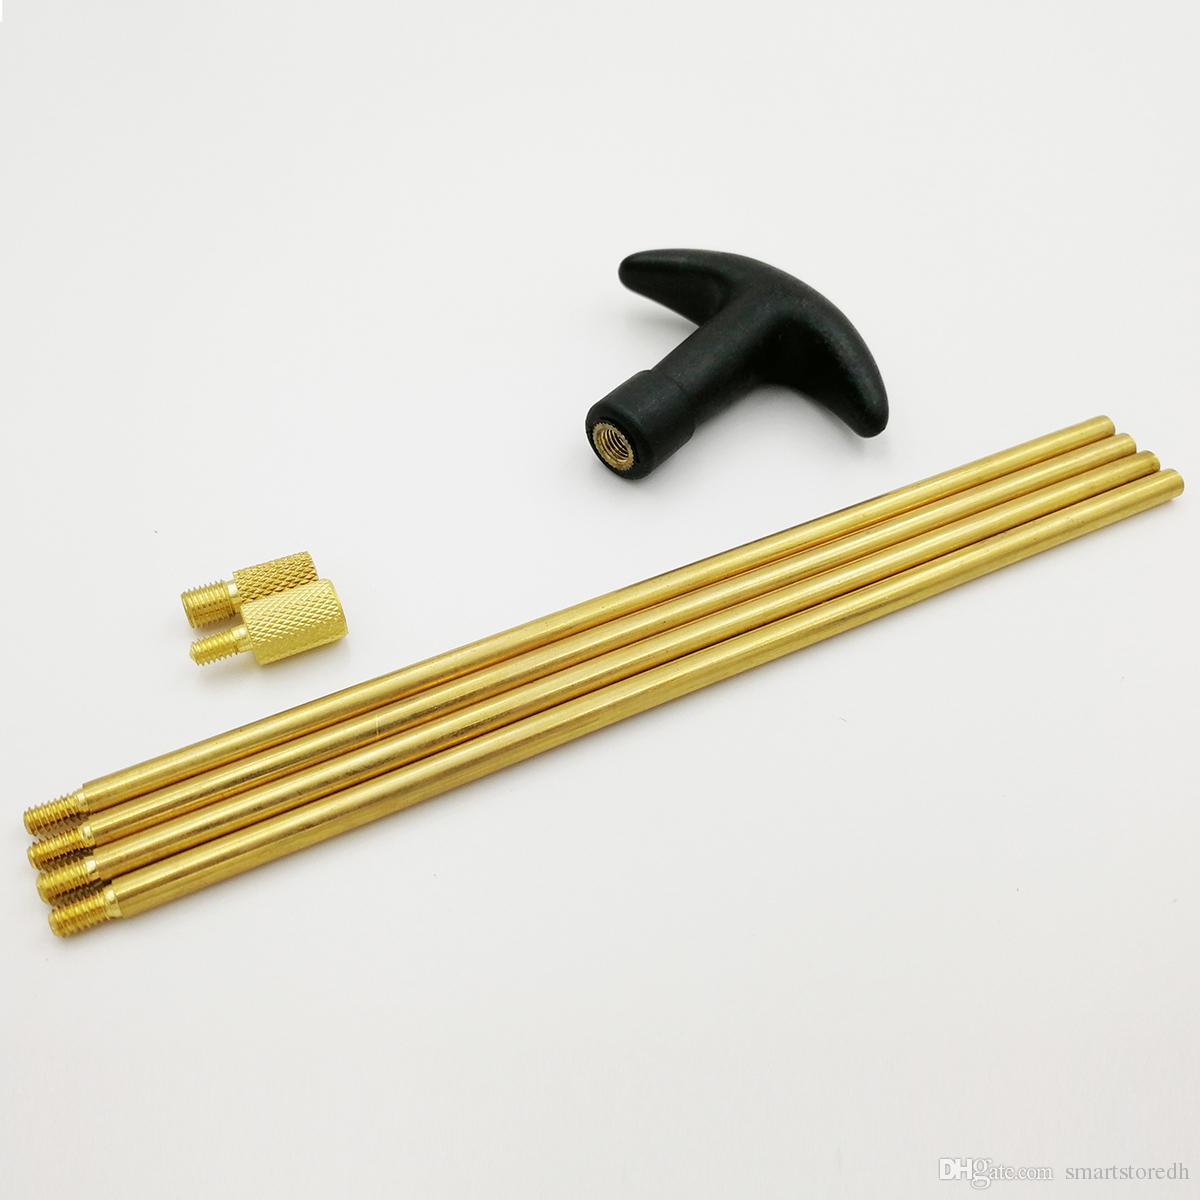 7pcs / 9pcs kit de nettoyage en laiton brosse ensemble complet pour fusil avec fusil affaire brosse de nettoyage pour fusil ensemble complet F00582